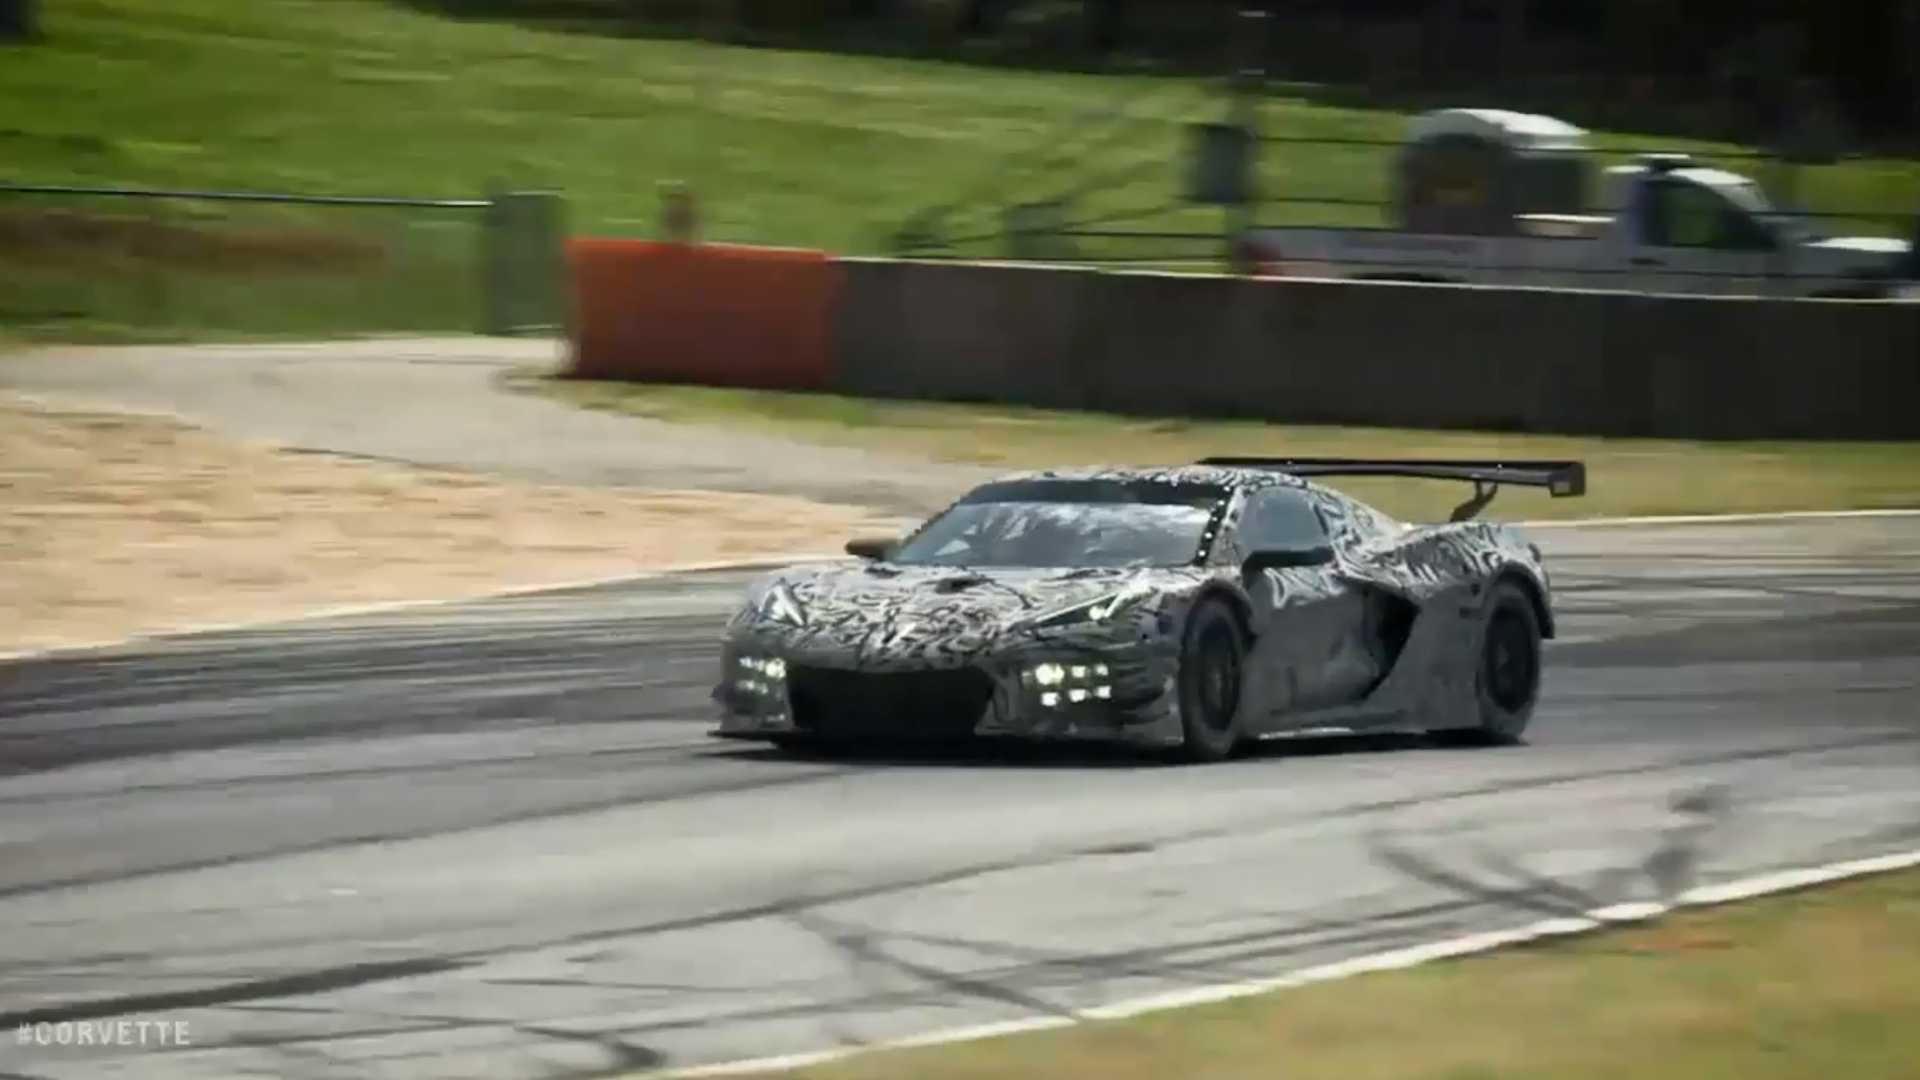 2020 Corvette Racing C8.R - CorvetteForum - Chevrolet ...